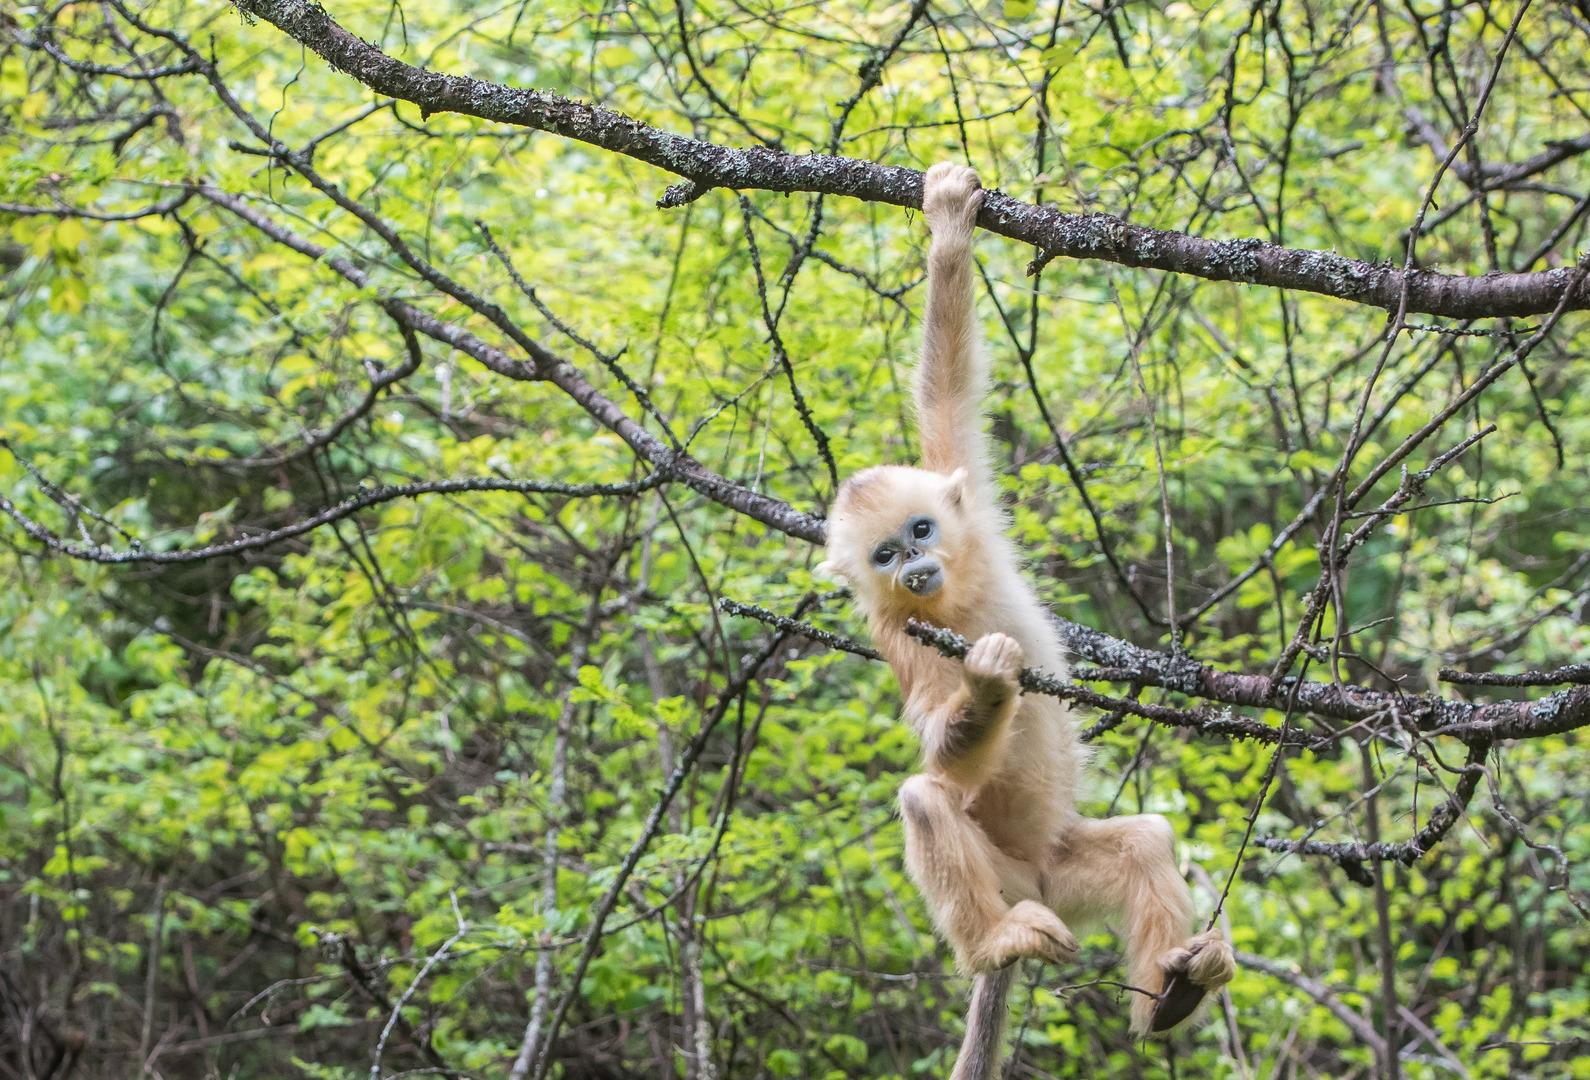 قرد يخطف جروا رهينة لمدة ثلاثة أيام ويحتجزه على رأس شجرة (فيديو)